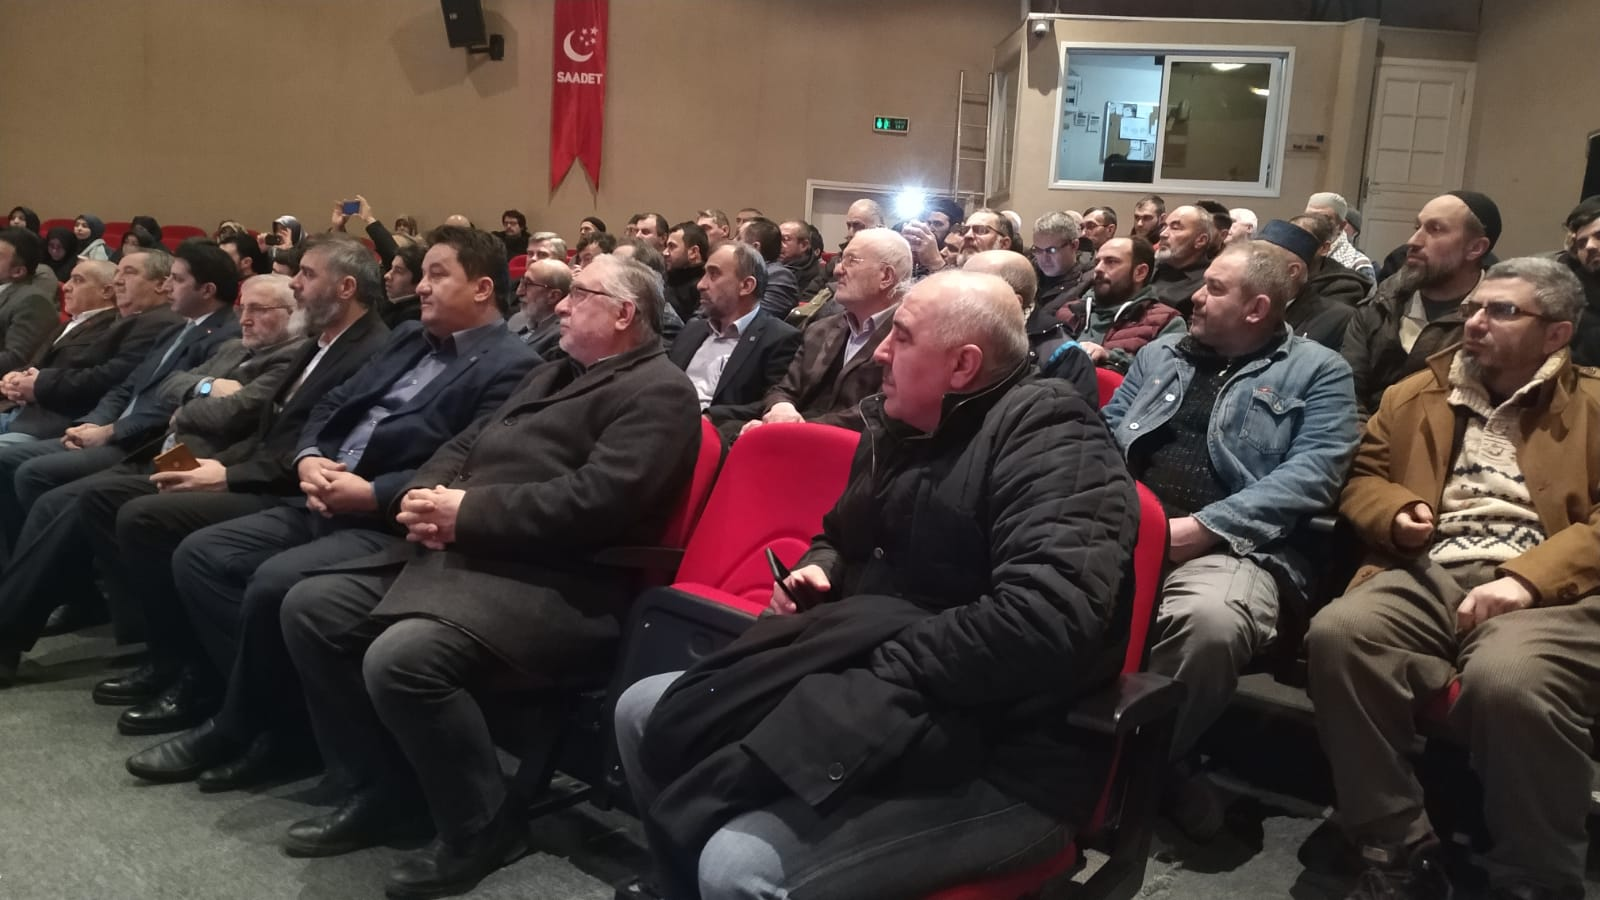 Saadet Partisi Üsküdar İlçe Başkanlığı 7. Olağan Kongresi'nde Yusuf Baydar ilçe başkanı olarak seçildi.